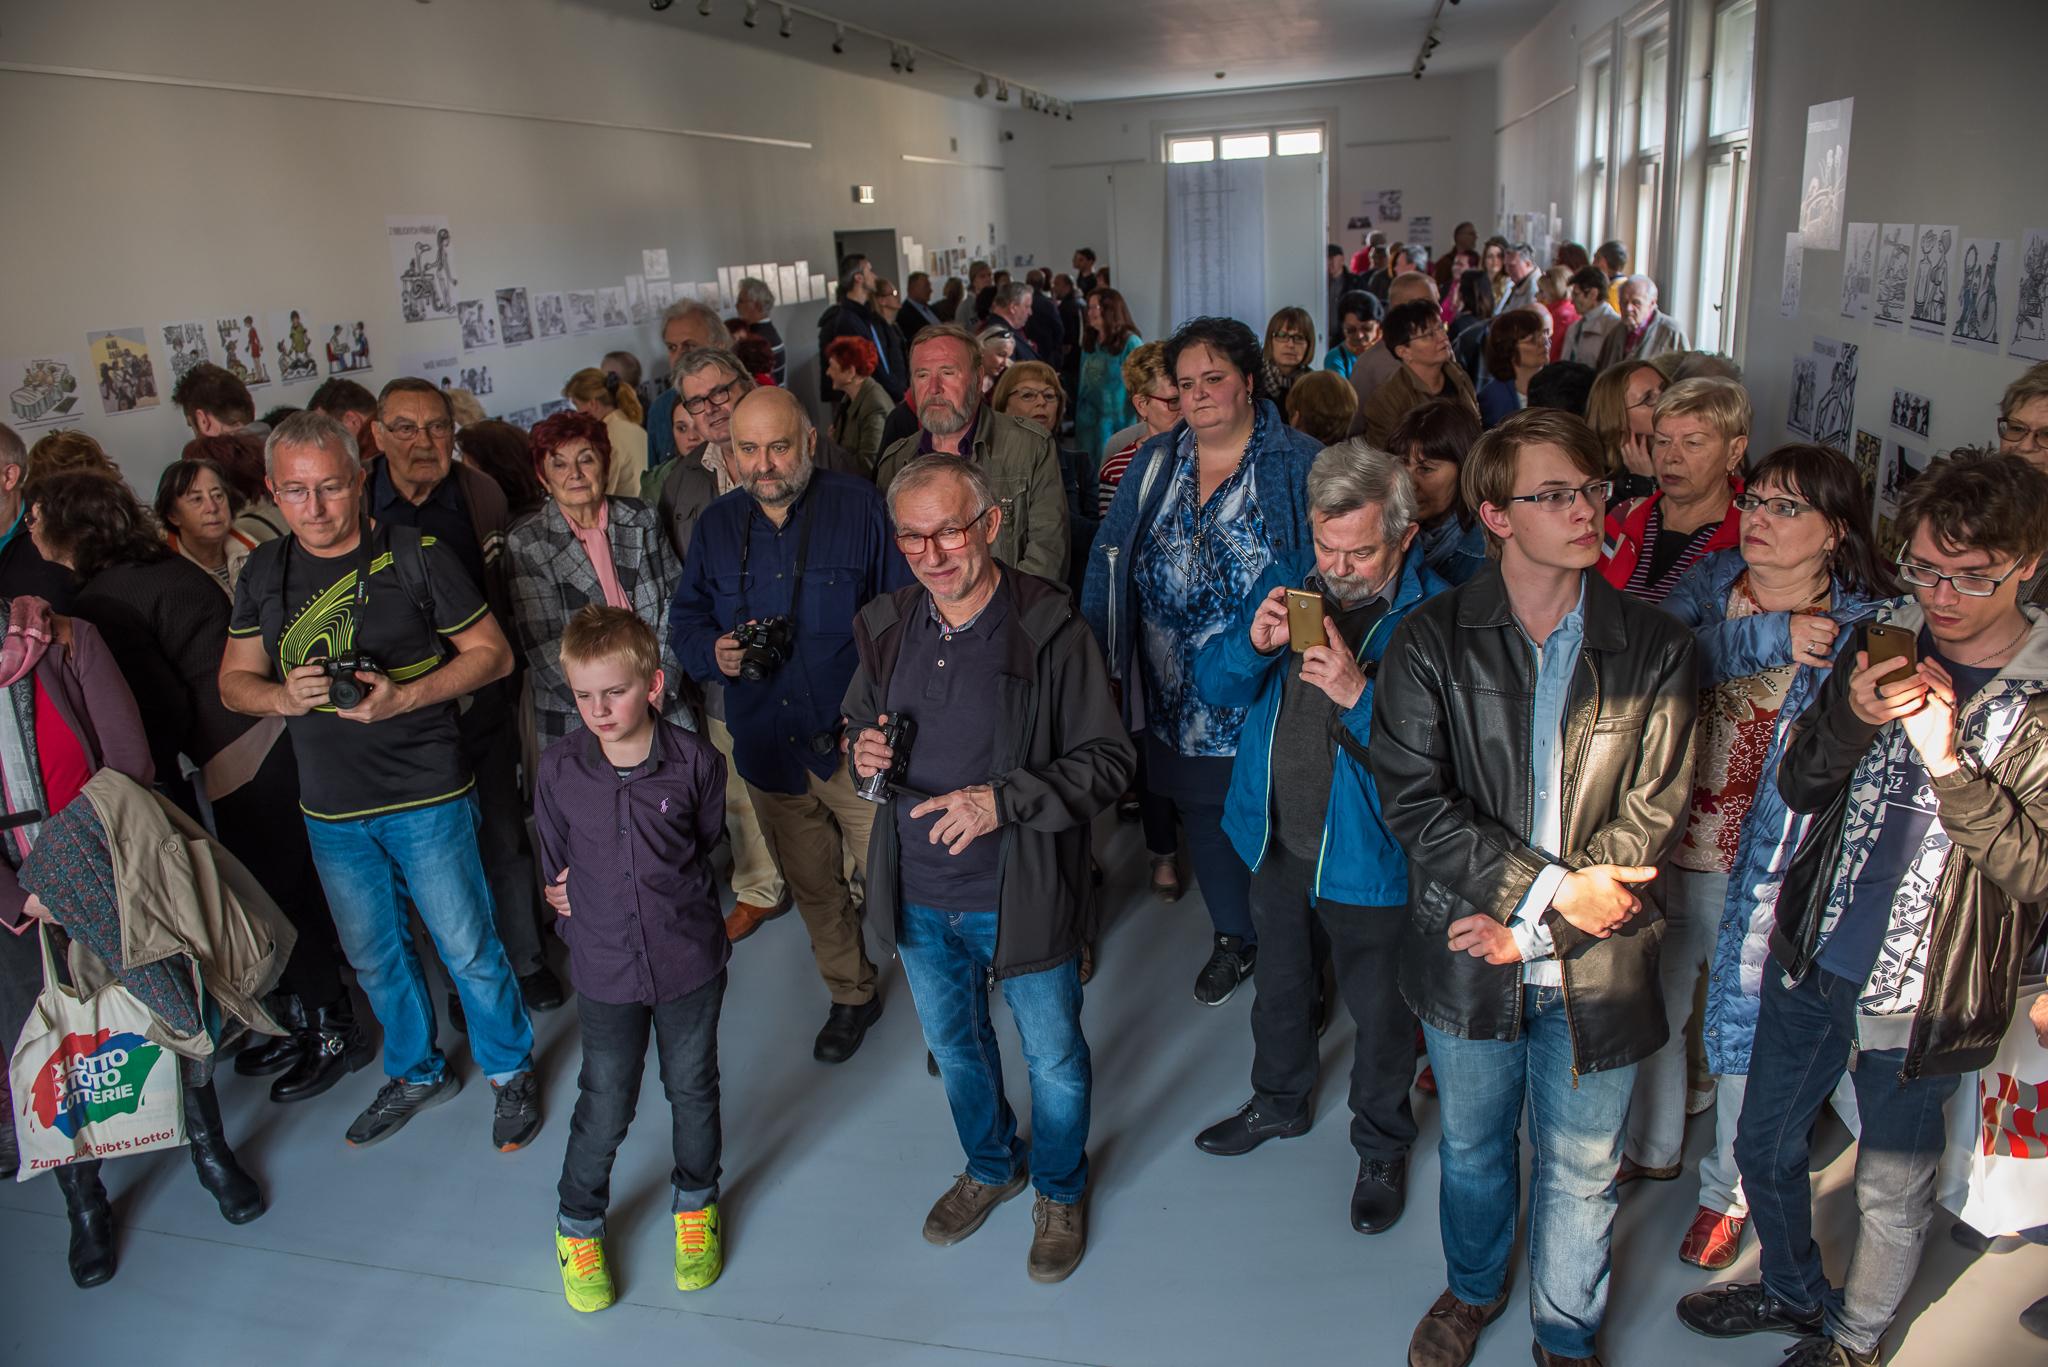 vernisáž LIDSKÁ KOMEDIE V KRESLENÉM HUMORU JIŘÍHO WINTERA NEPRAKTY / 3. 4. 2019 // Galerie Obecního domu